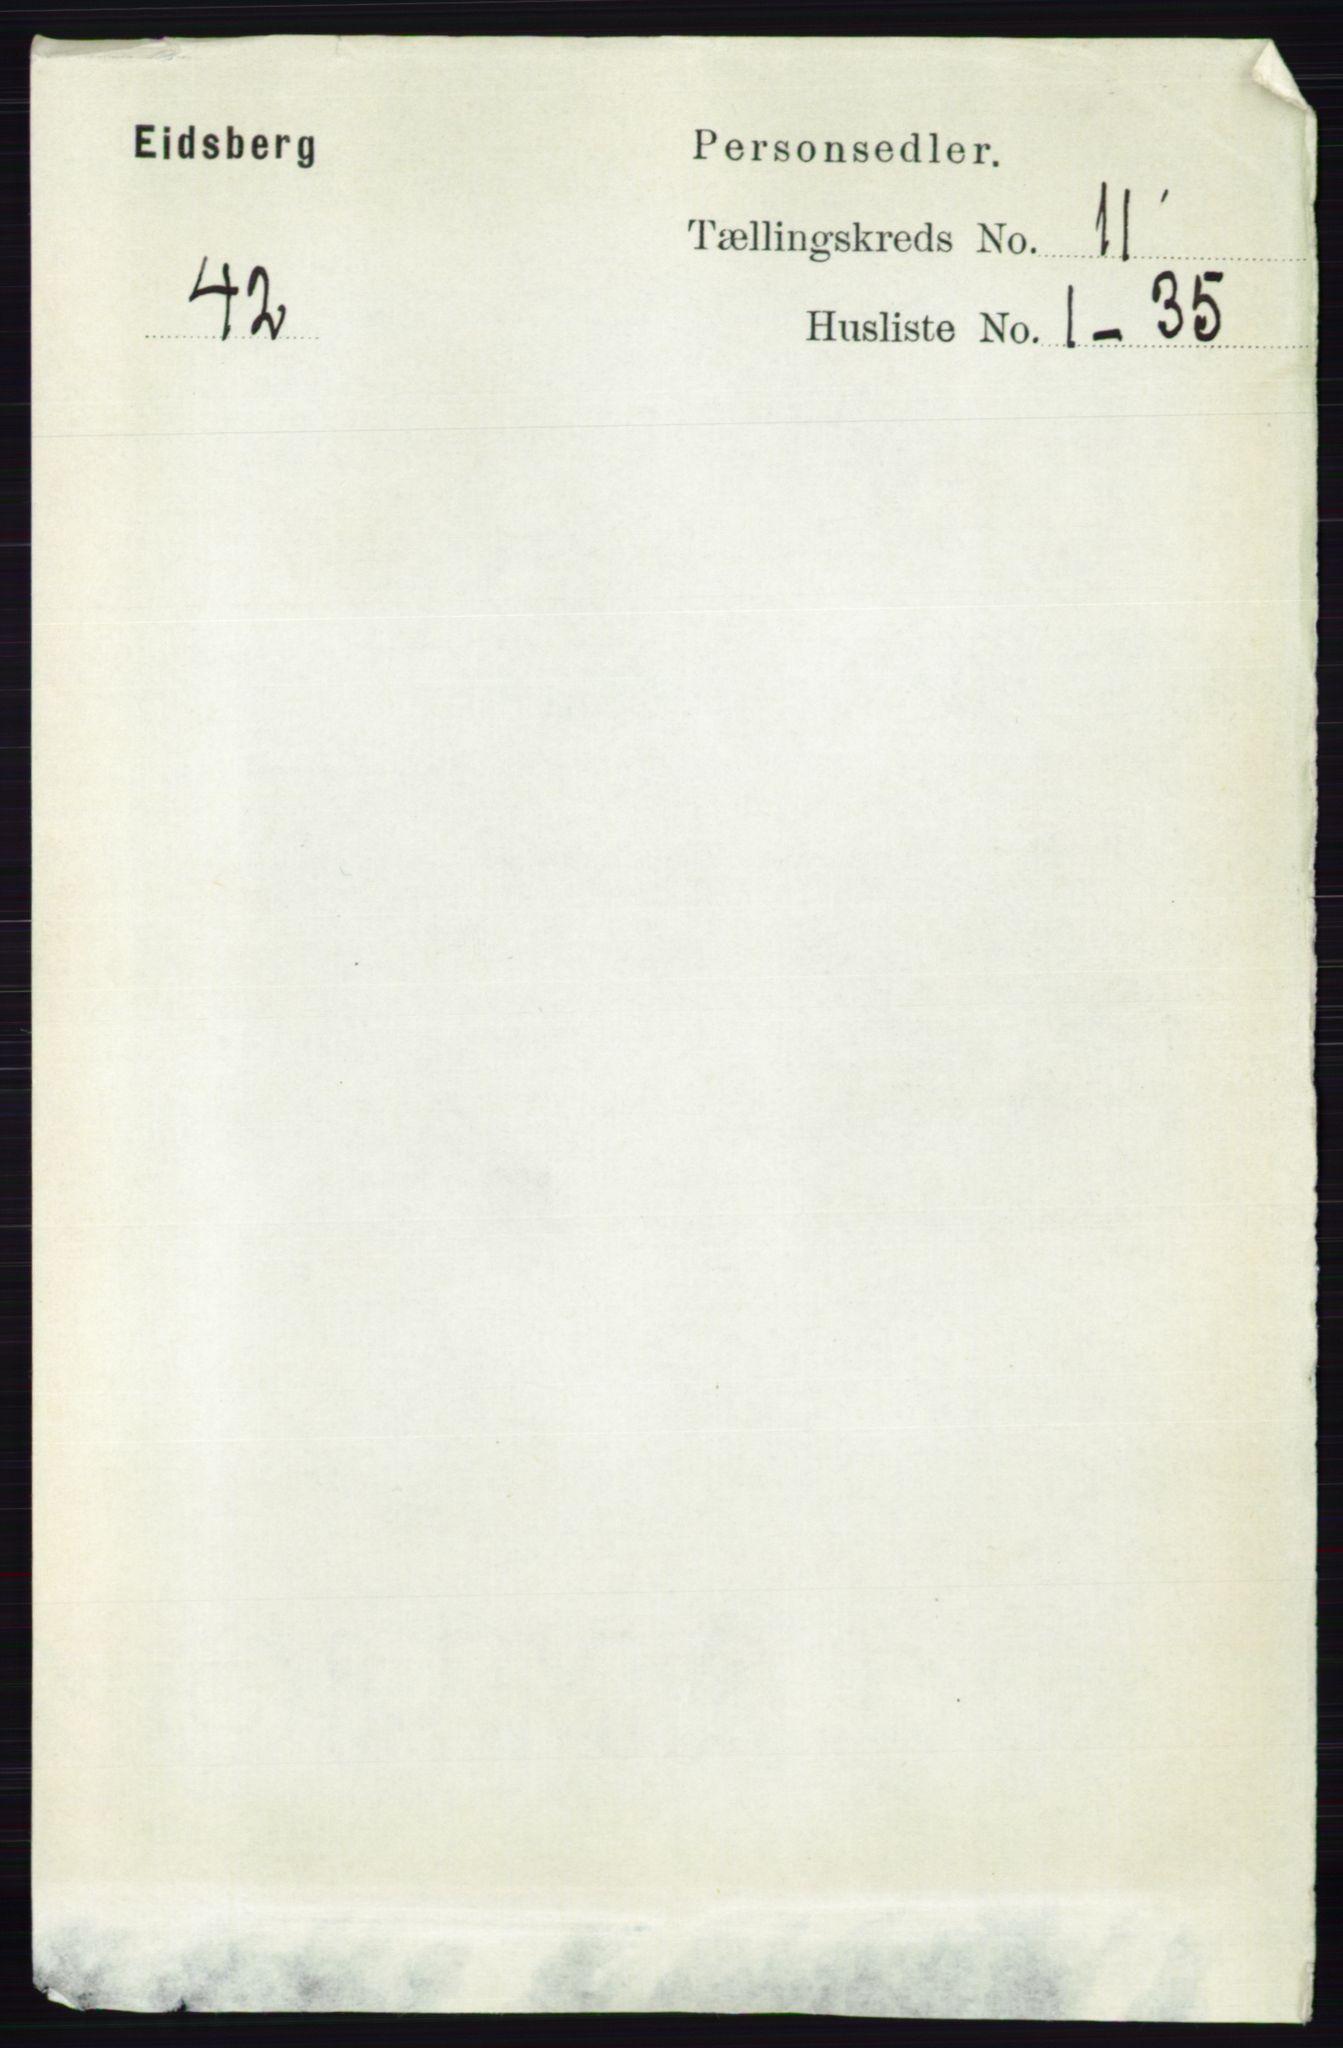 RA, Folketelling 1891 for 0125 Eidsberg herred, 1891, s. 6362